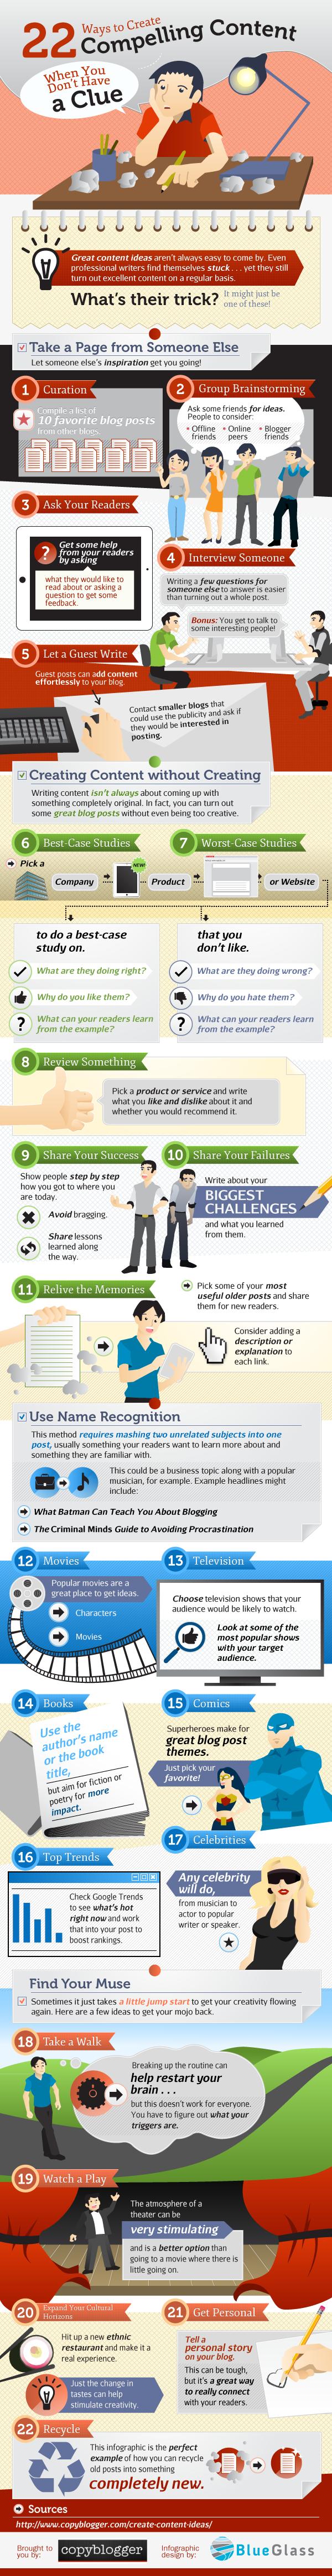 copyblogger infographic content creatie ideeen